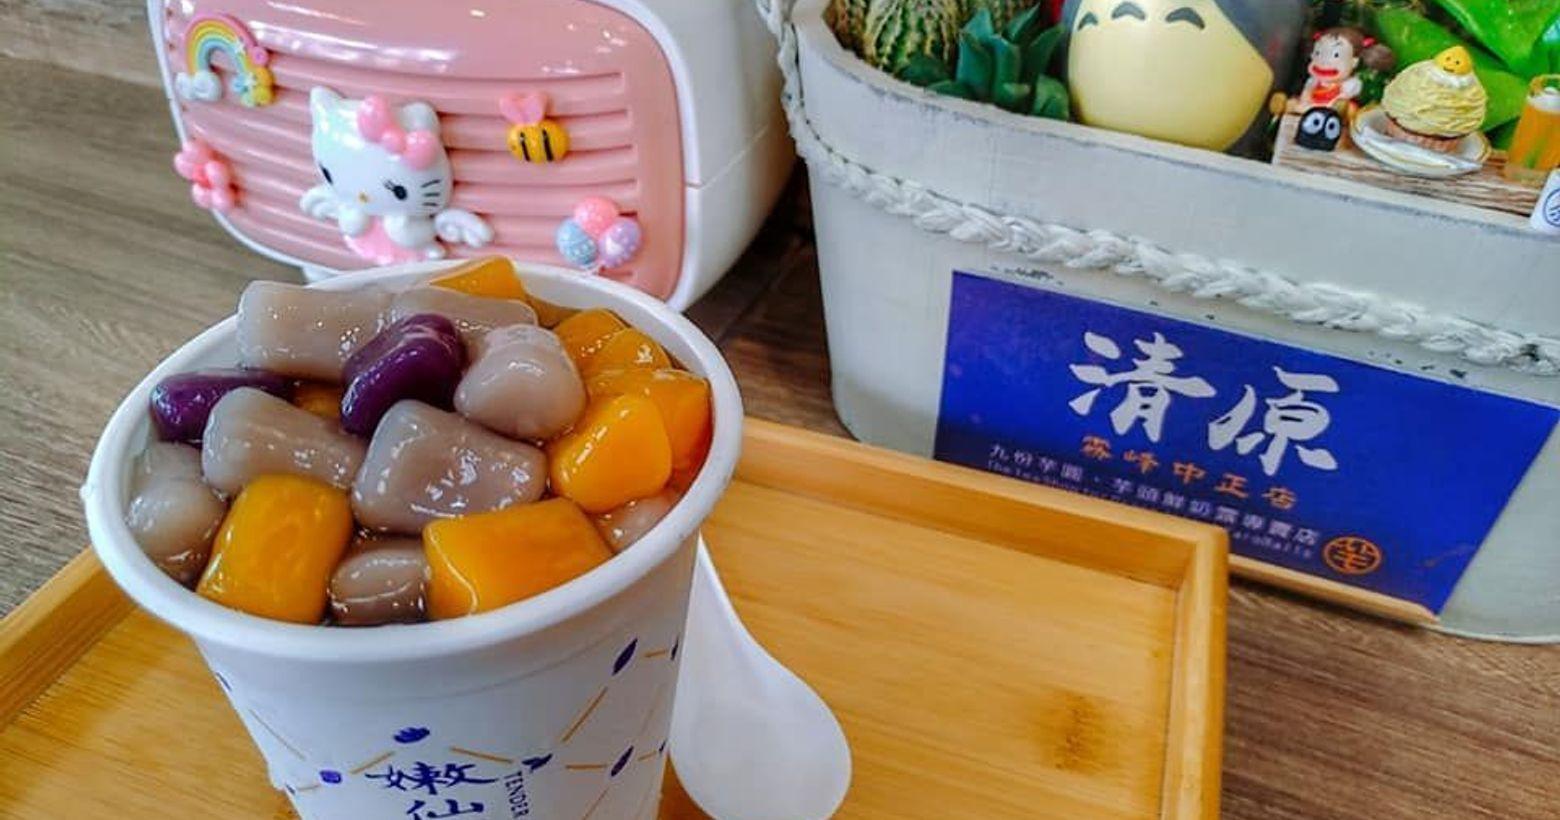 清原芋圓🌸台中美食介紹🌸這間位於霧峰的清原芋圓芋頭芋圓控不能錯過的一間店!這次選擇的餐點是旺來金